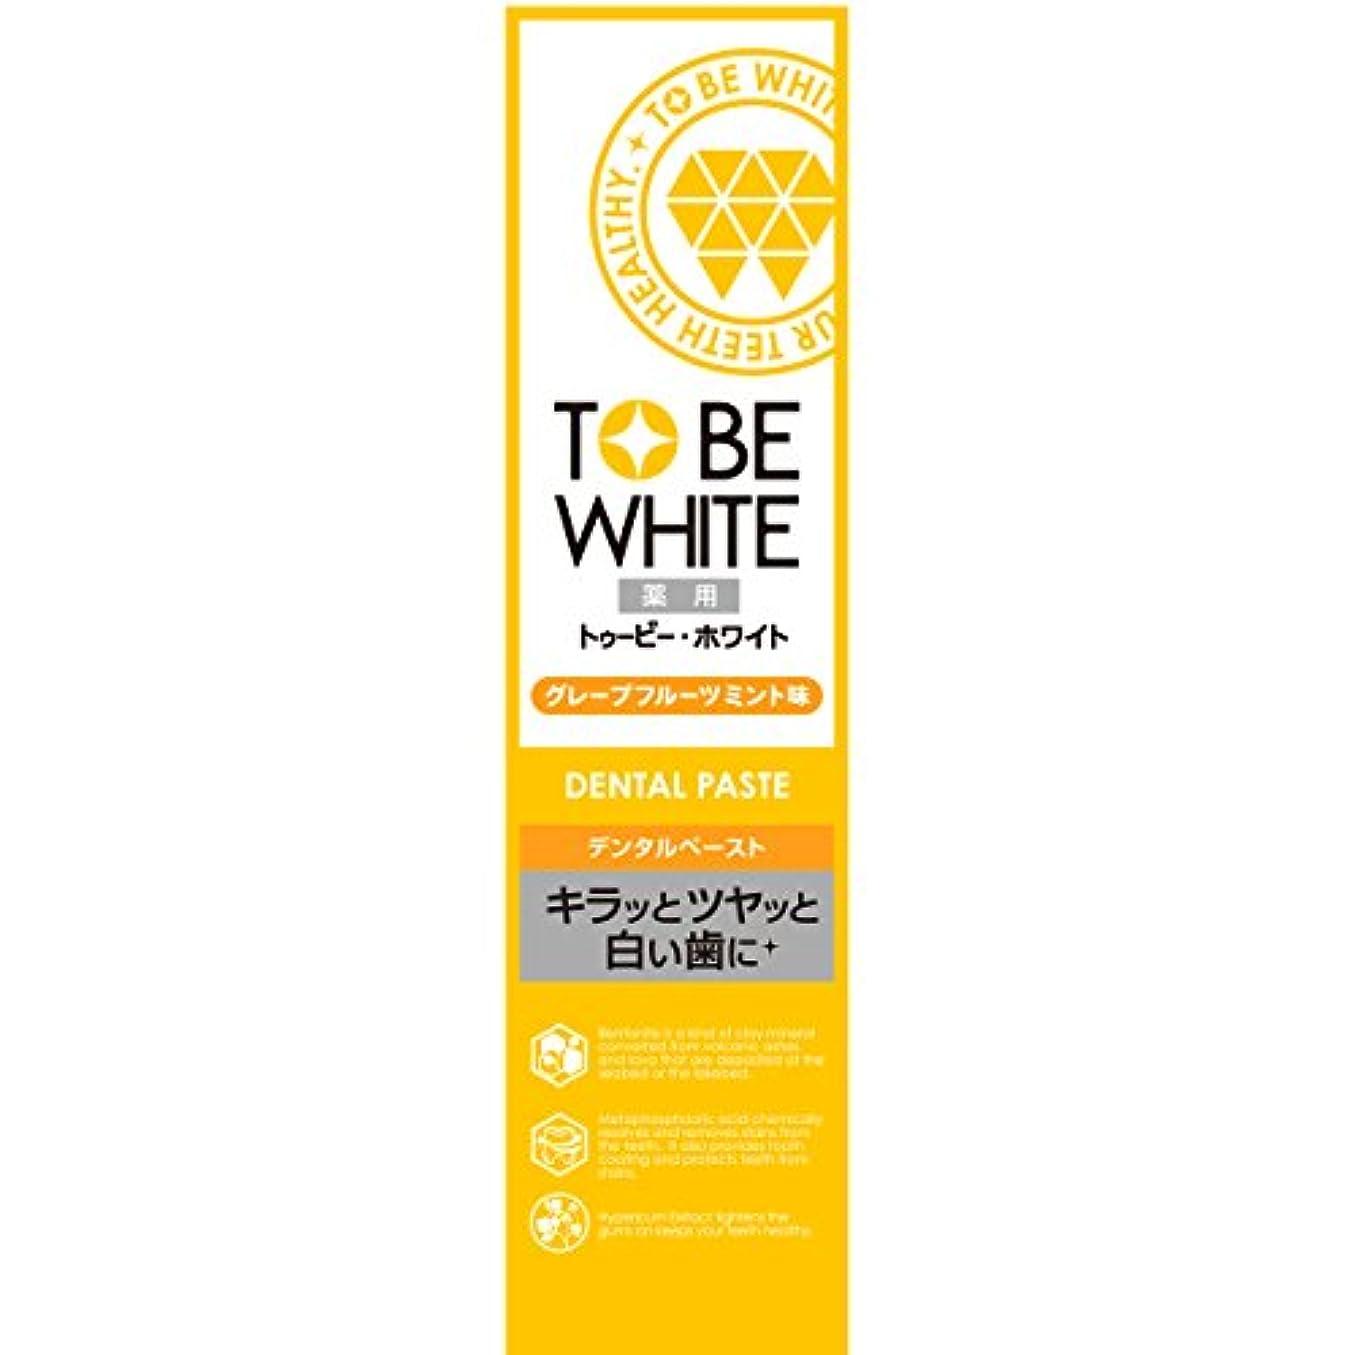 洋服誓い導体トゥービー?ホワイト 薬用 ホワイトニング ハミガキ粉 グレープフルーツミント 味 60g 【医薬部外品】